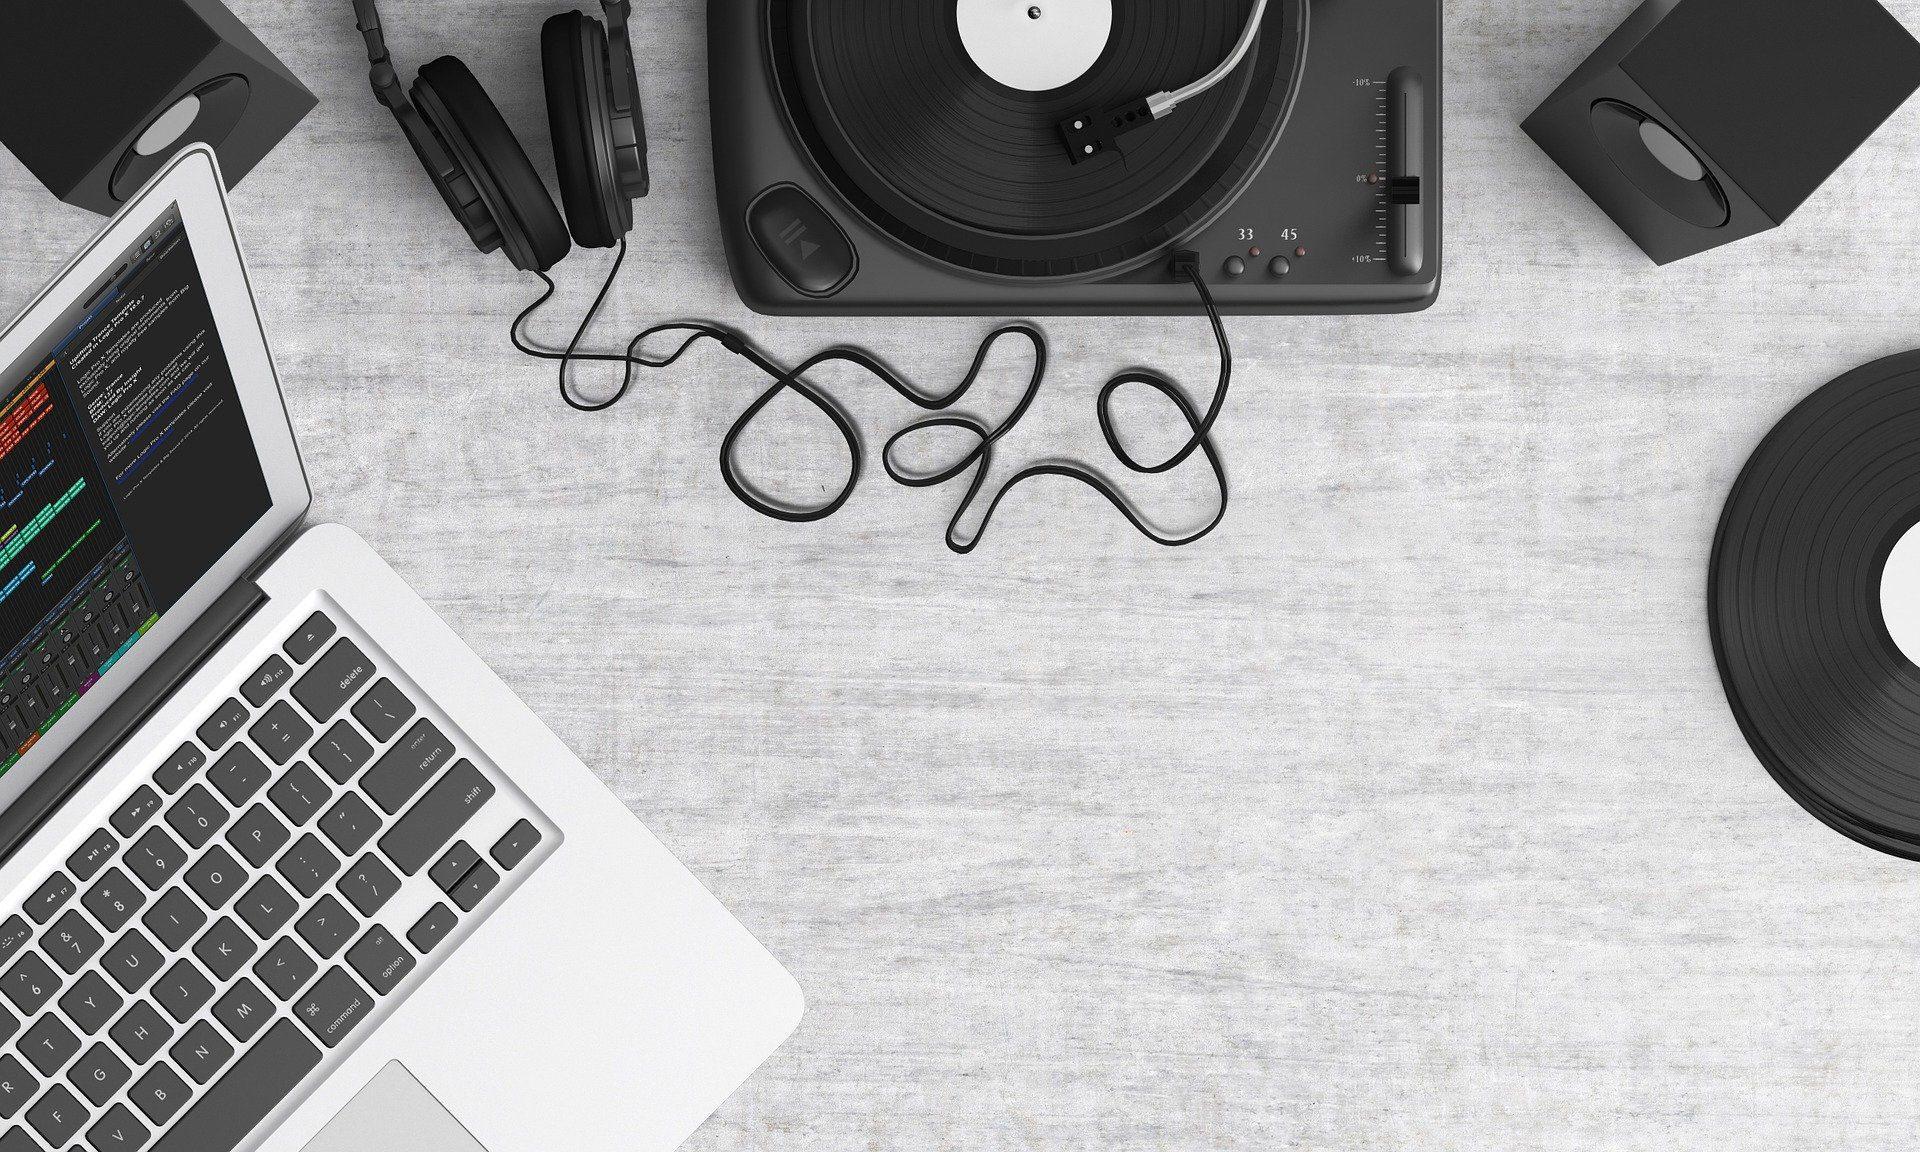 Best Ways to Convert WAV to MP3